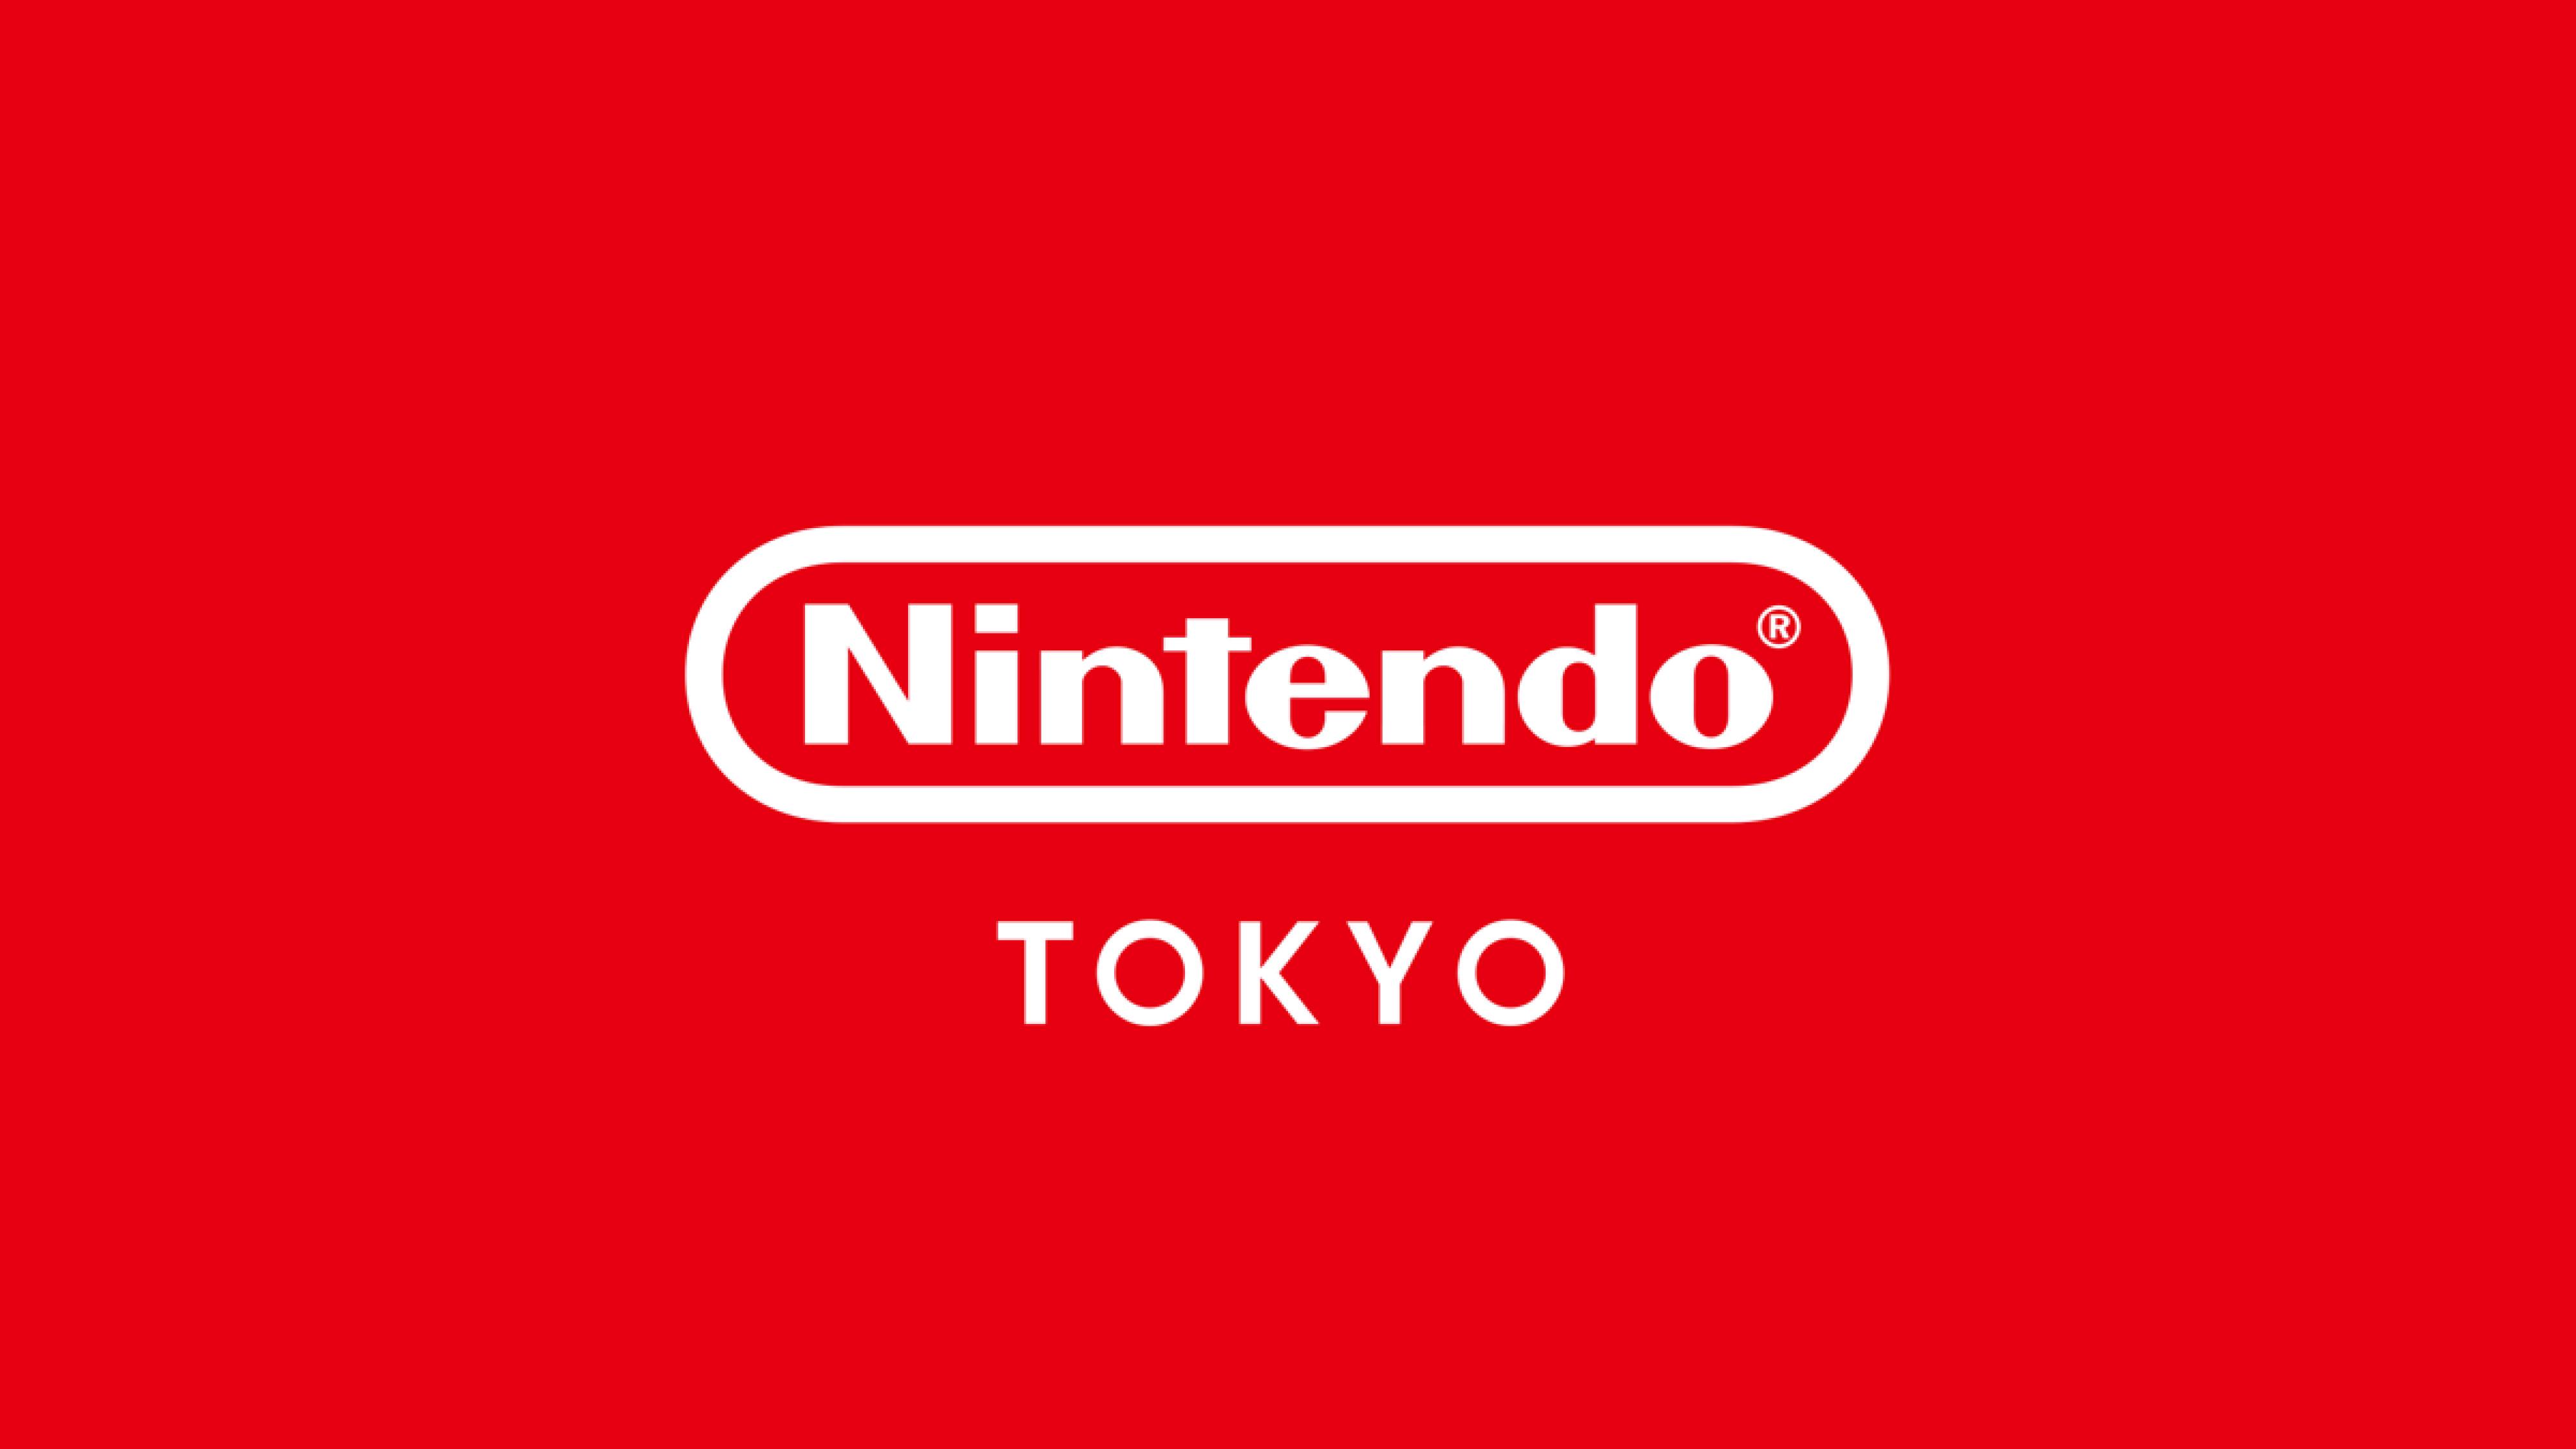 ★【12月6日まで】Nintendo TOKYO  Nintendo Switch リングフィット アドベンチャーセットが抽選販売!